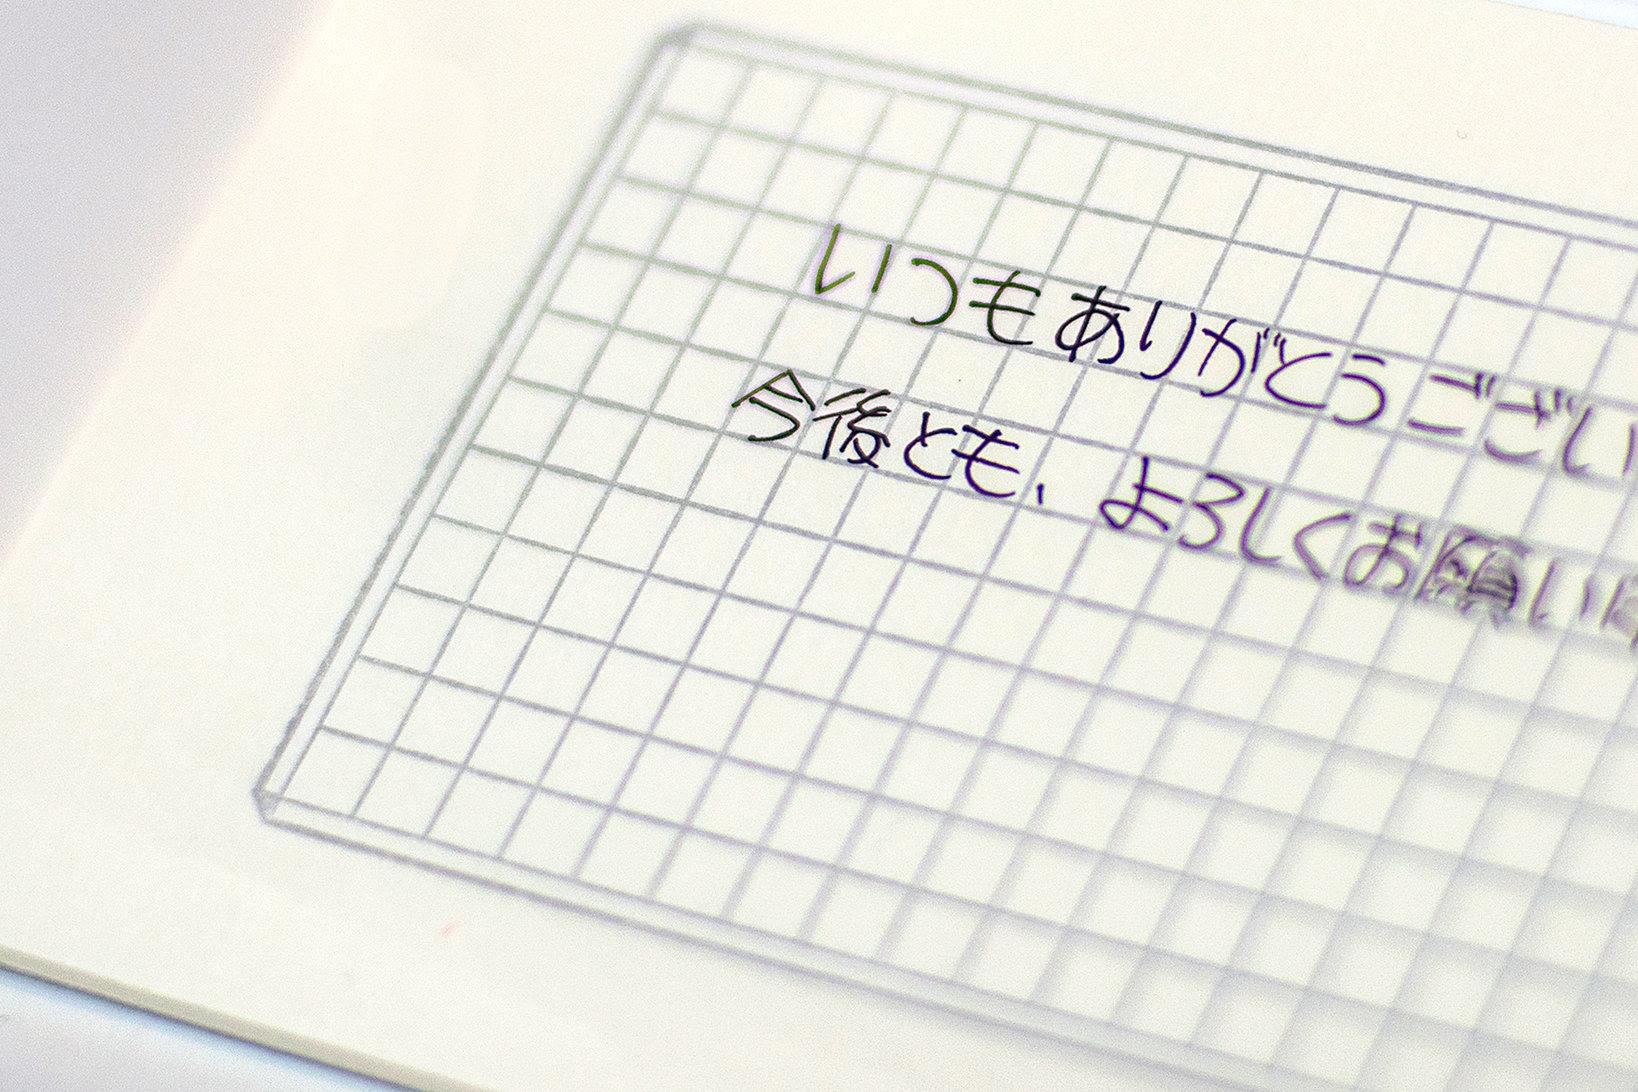 拙い文字でも、罫線の雰囲気と文字数ならなんとか逃げ切れる。